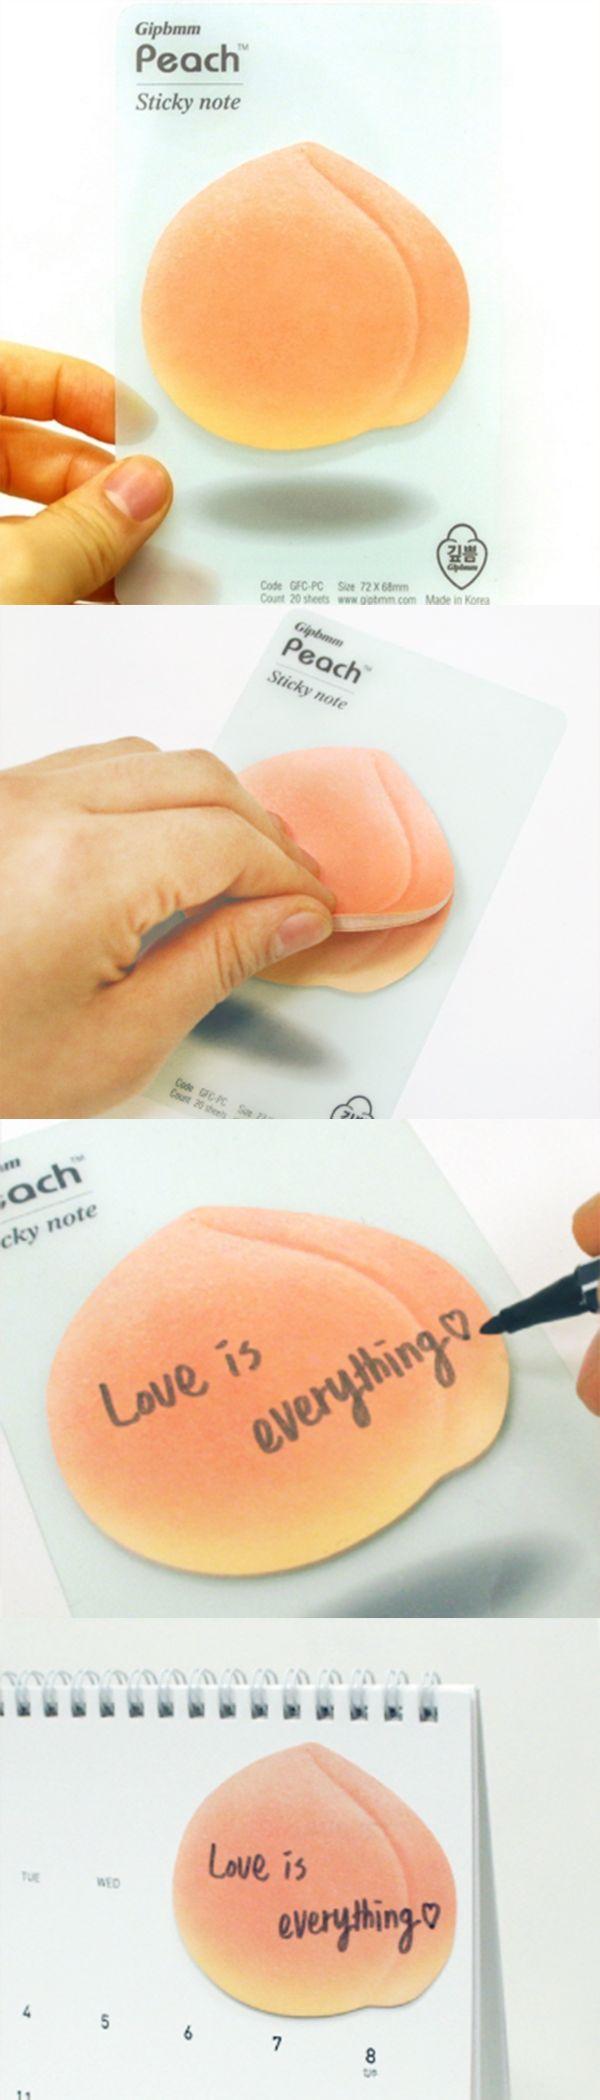 Delicious! Peach Sticky Note v2